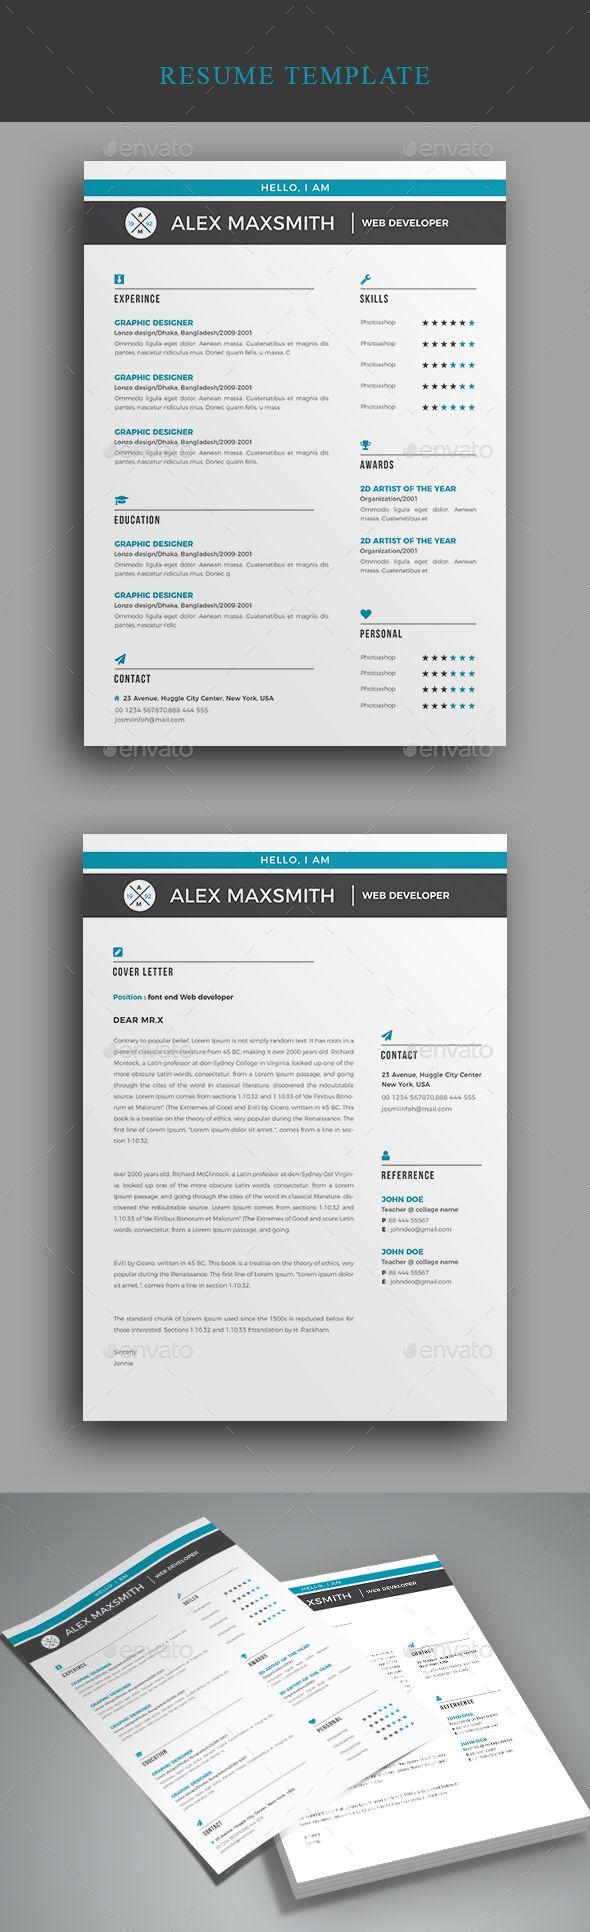 Resume Resume words skills, Best resume template